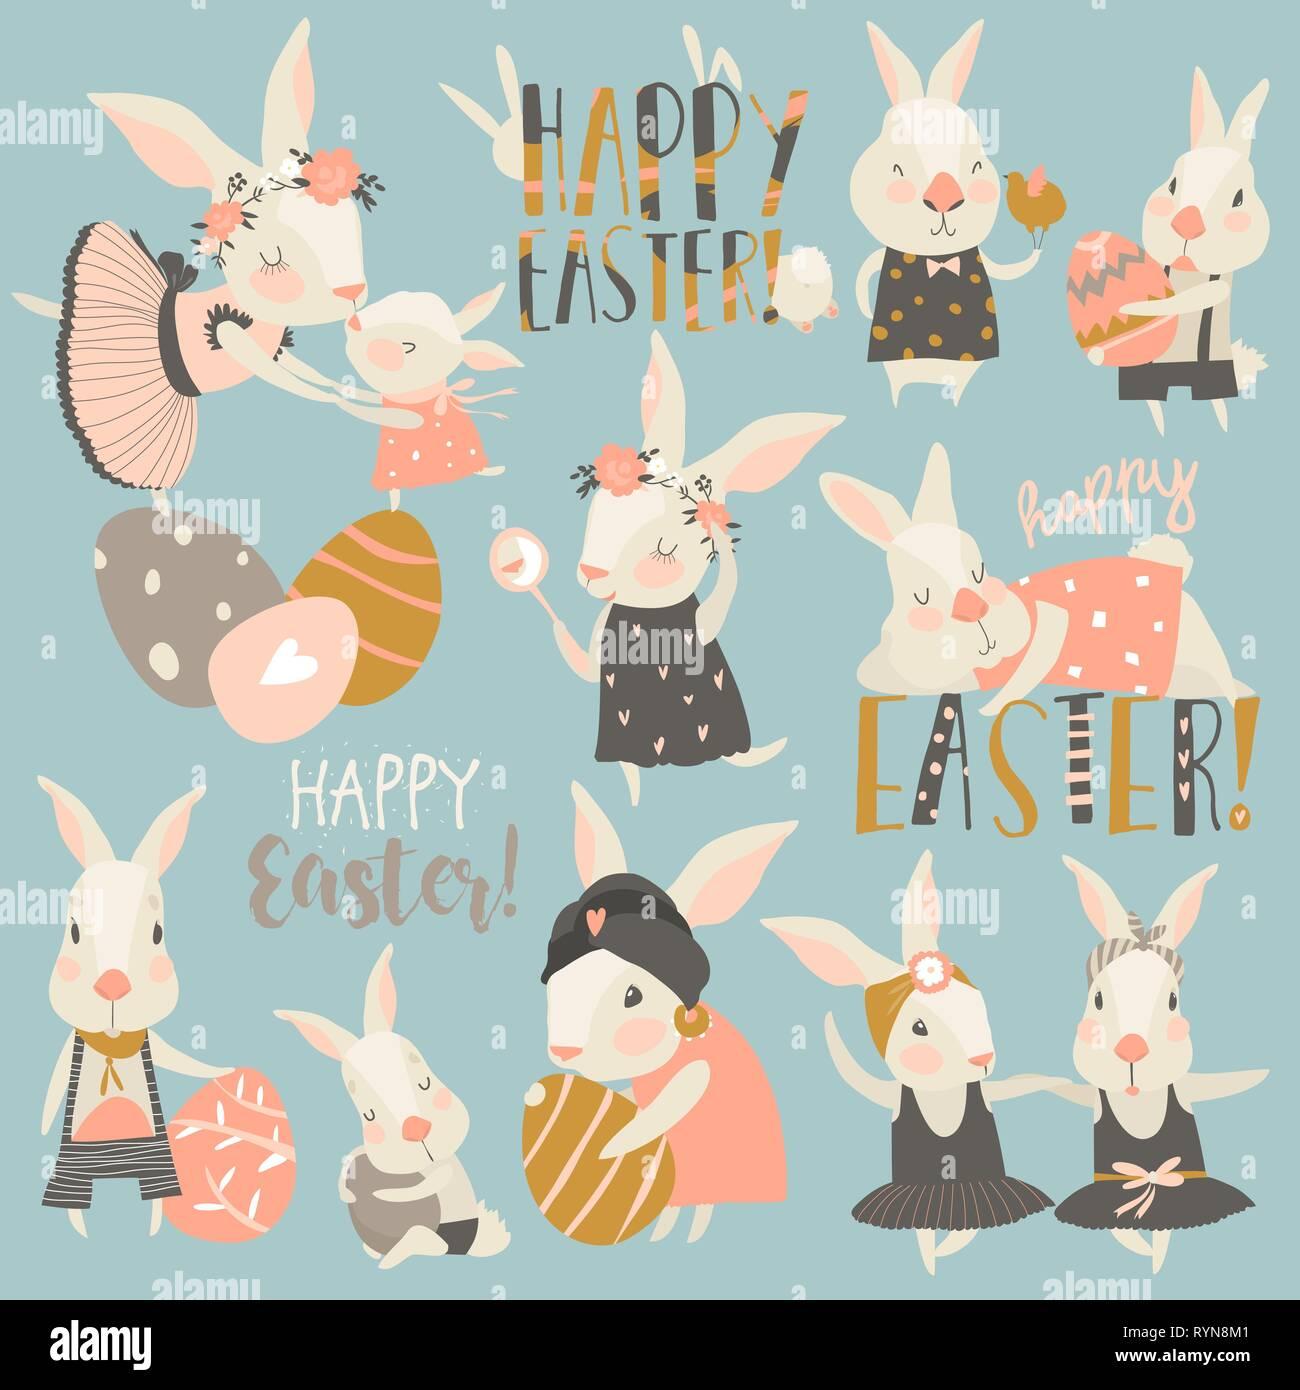 hight resolution of linda conejita con conejo y huevos de pascua imagen de stock